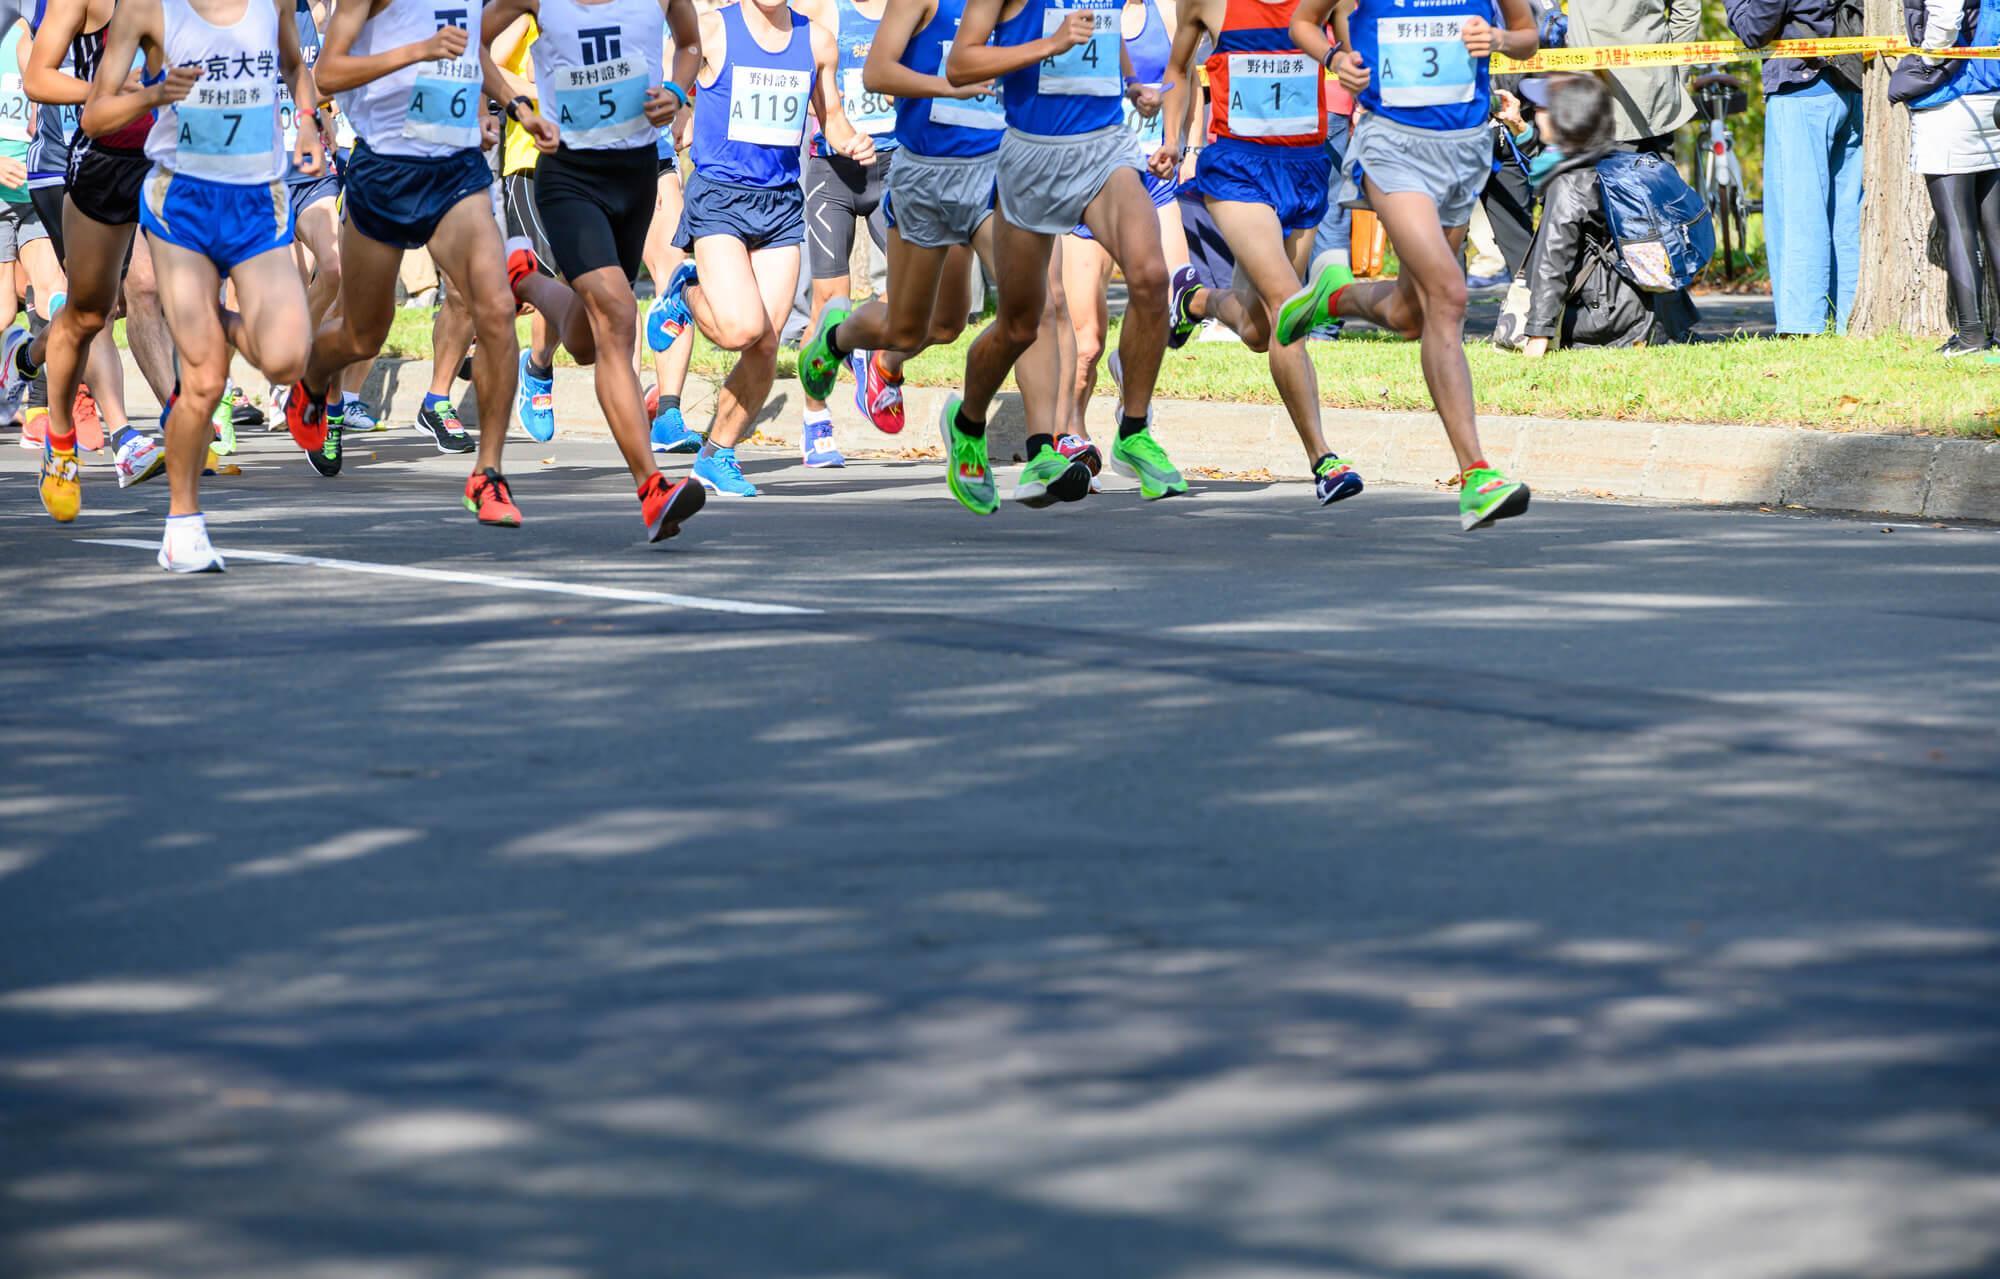 みかんリレーマラソン | 静岡県(磐田市陸上競技場)